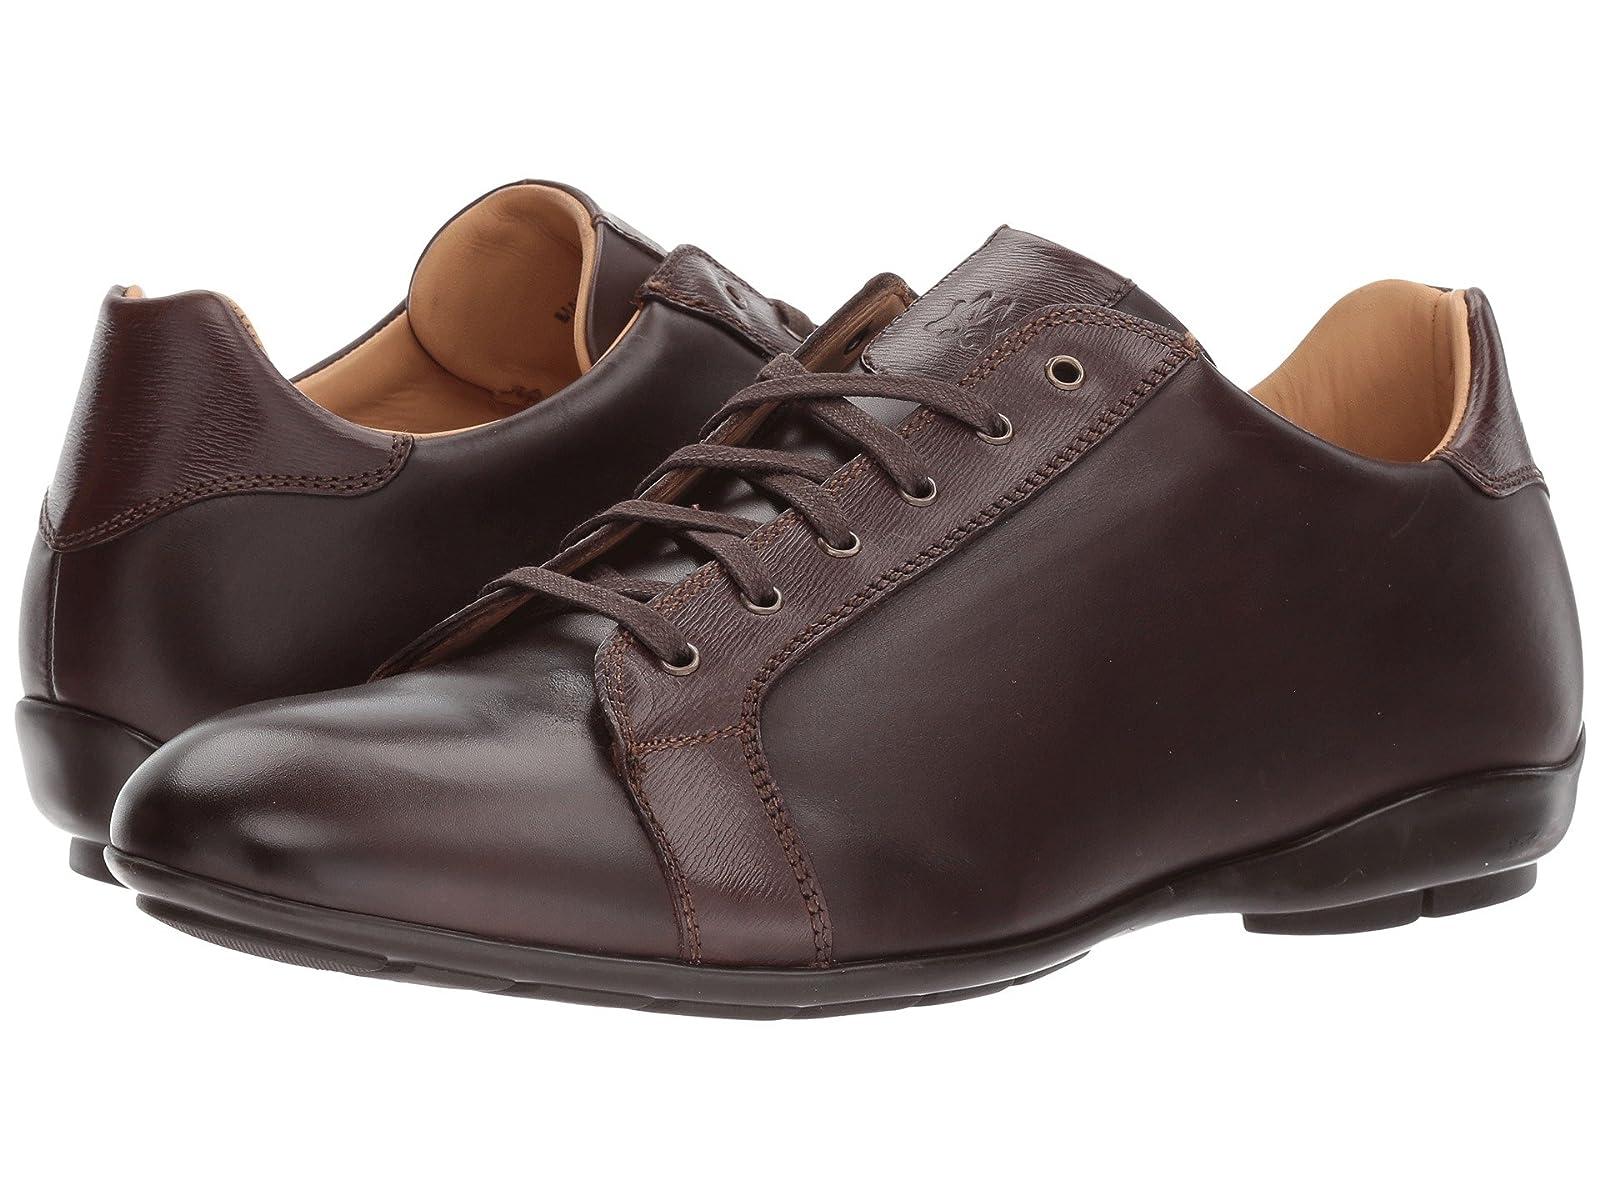 Mezlan UbriqueAtmospheric grades have affordable shoes